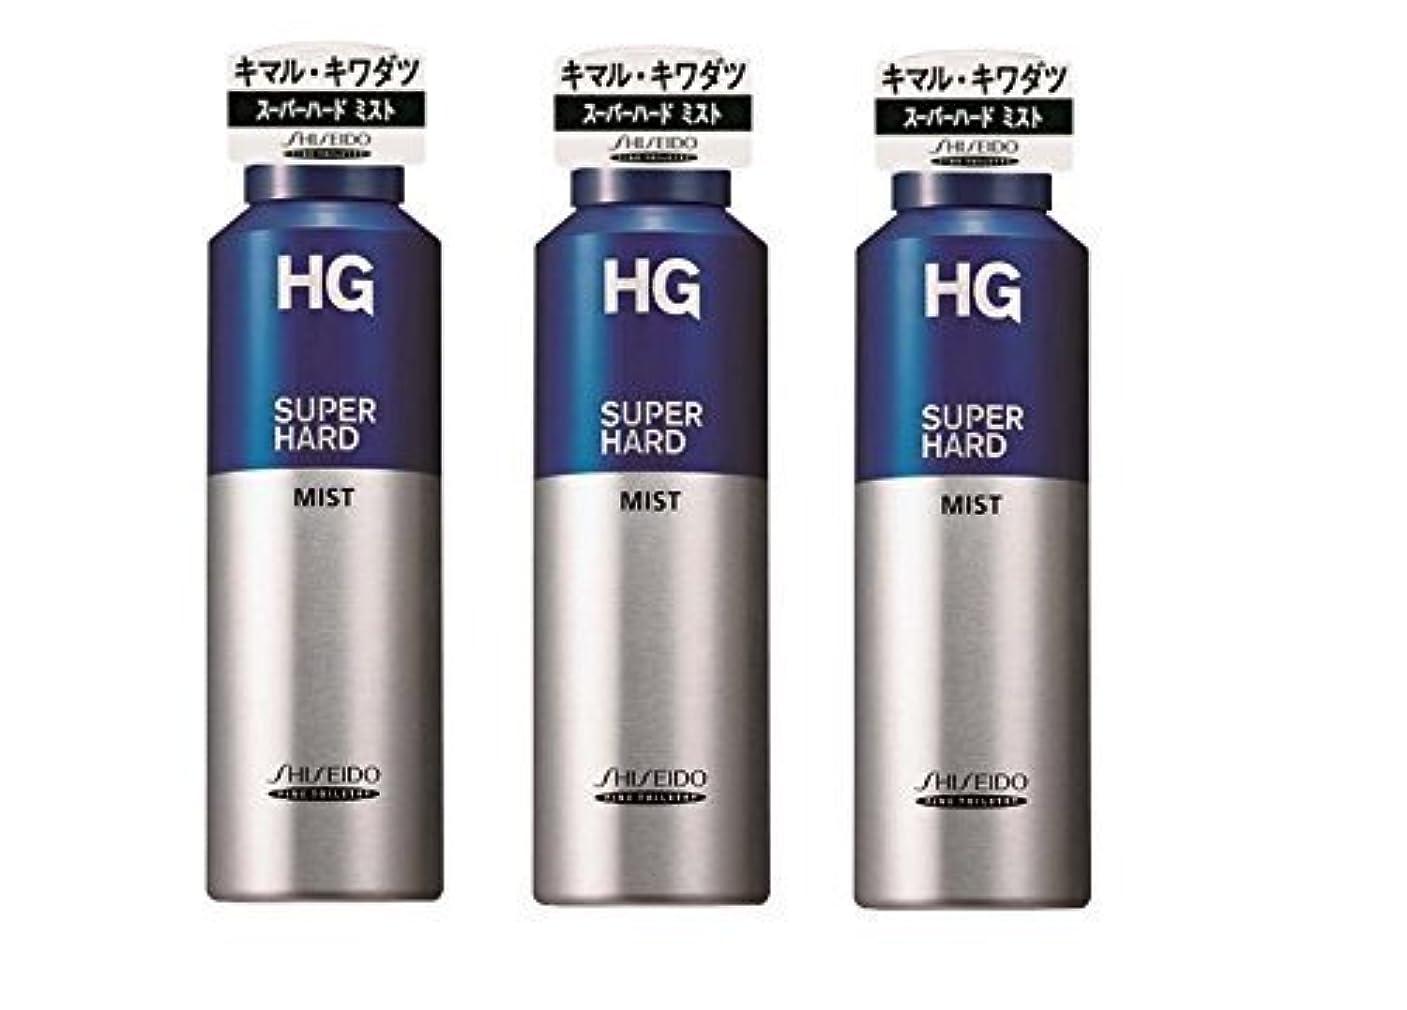 めまいがテレビネット【まとめ買い】HG スーパーハード ミスト 150g×3個